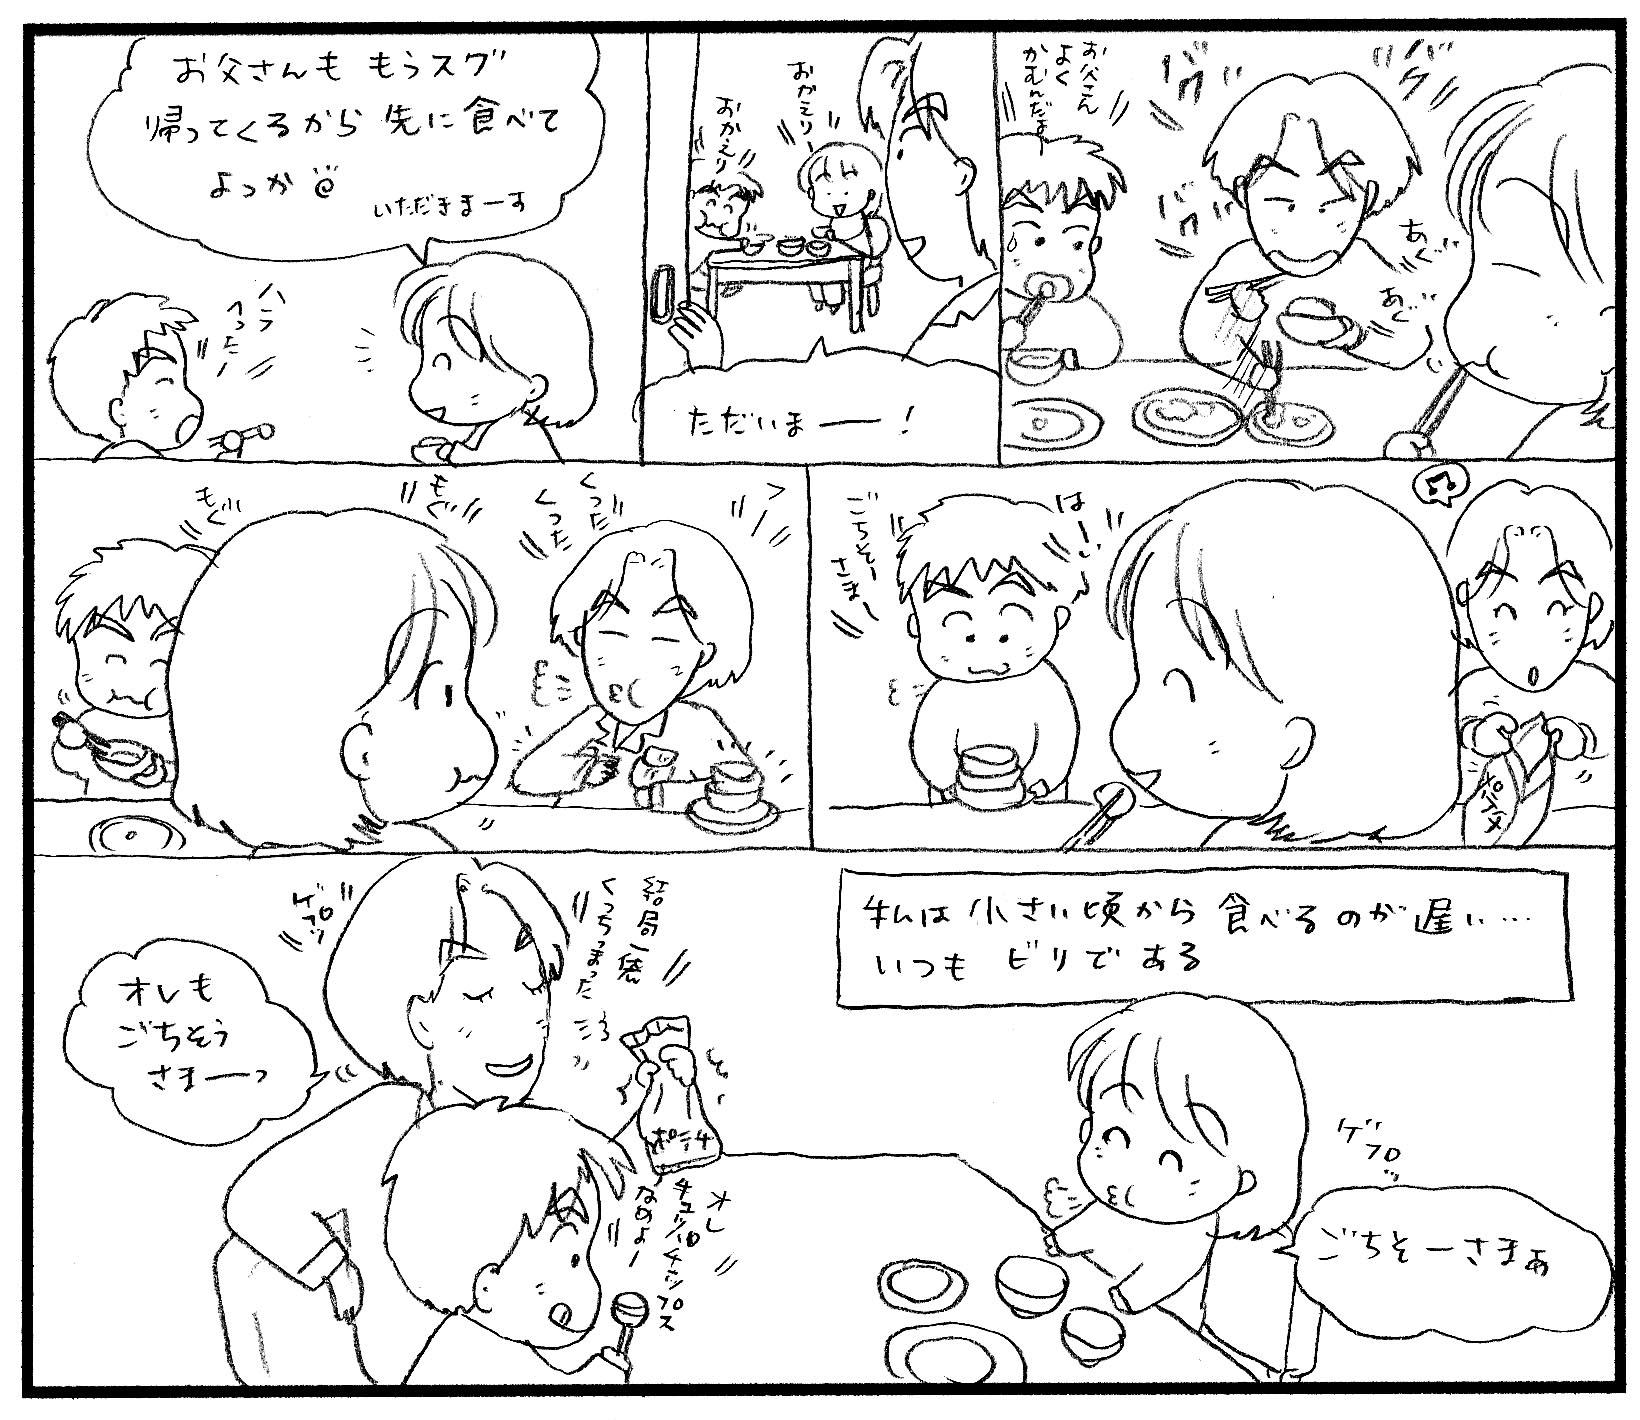 タナカんちの夕飯の様子_f0119369_16273687.jpg